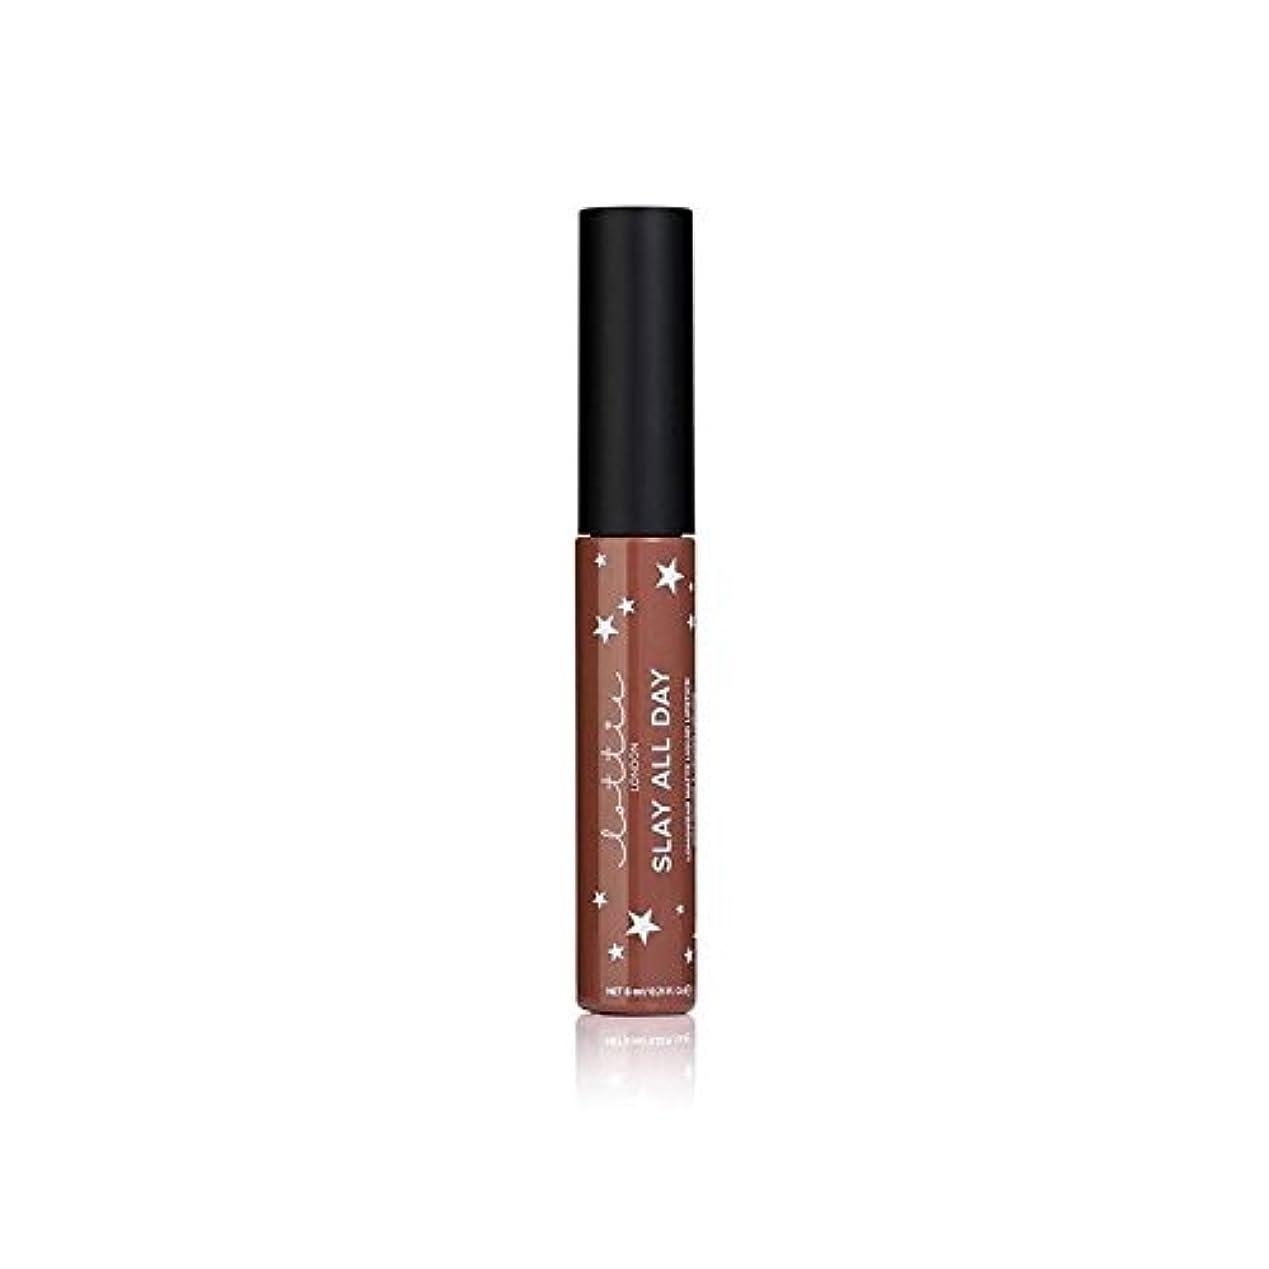 豚肉膿瘍イヤホンLottie London Matte Liquid Lipstick - Hey Bae - ロンドンマット液状口紅 - ちょっとペ [並行輸入品]